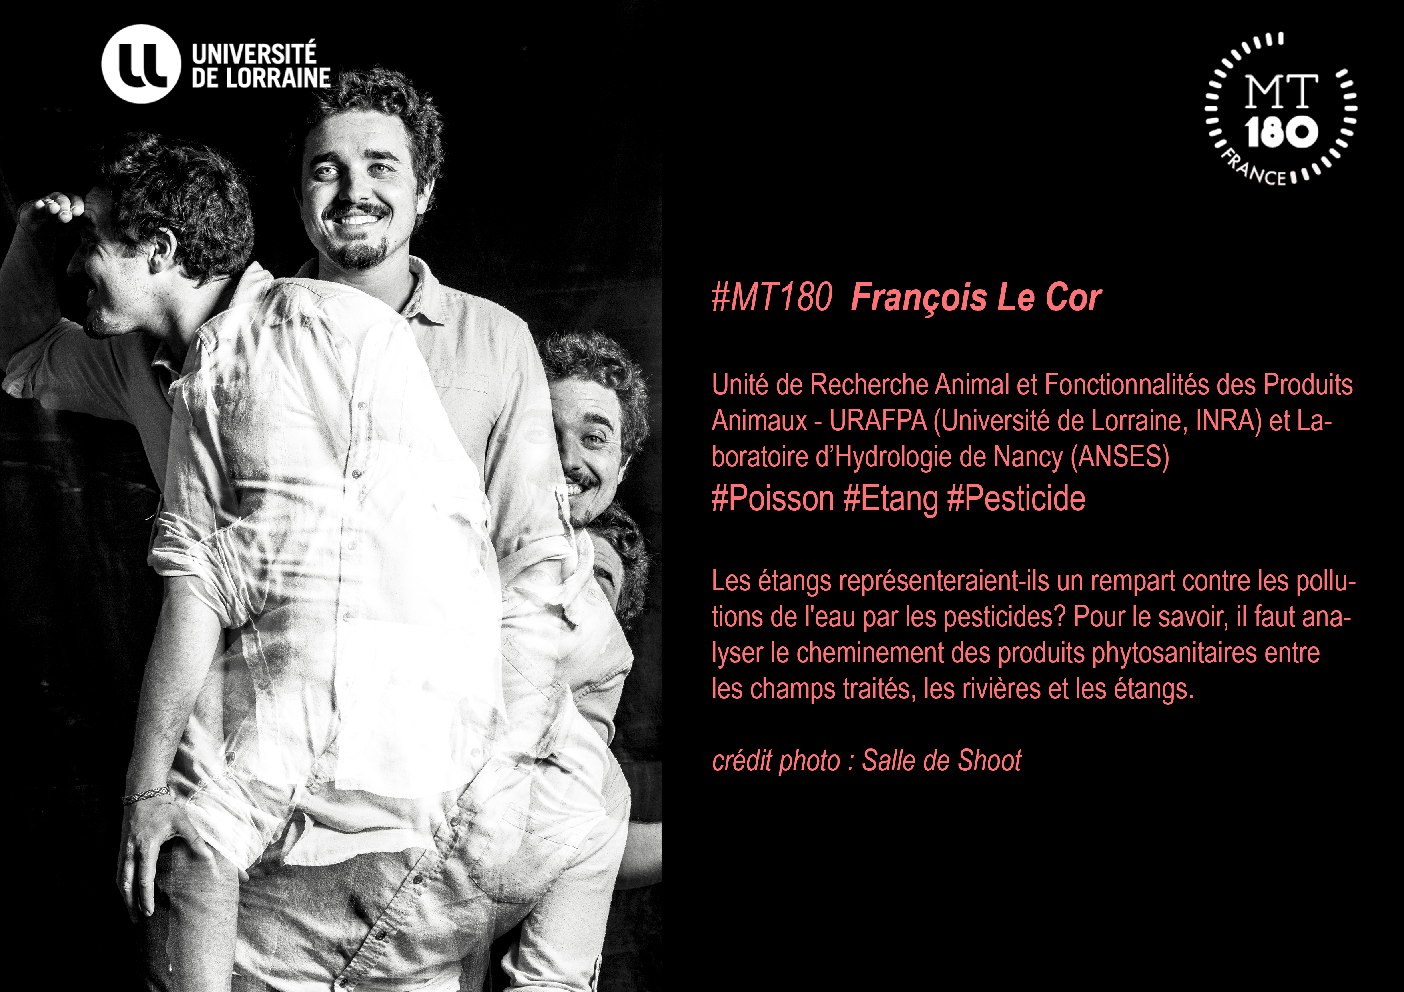 Voir le document lié de '#MT180 François Le Cor'